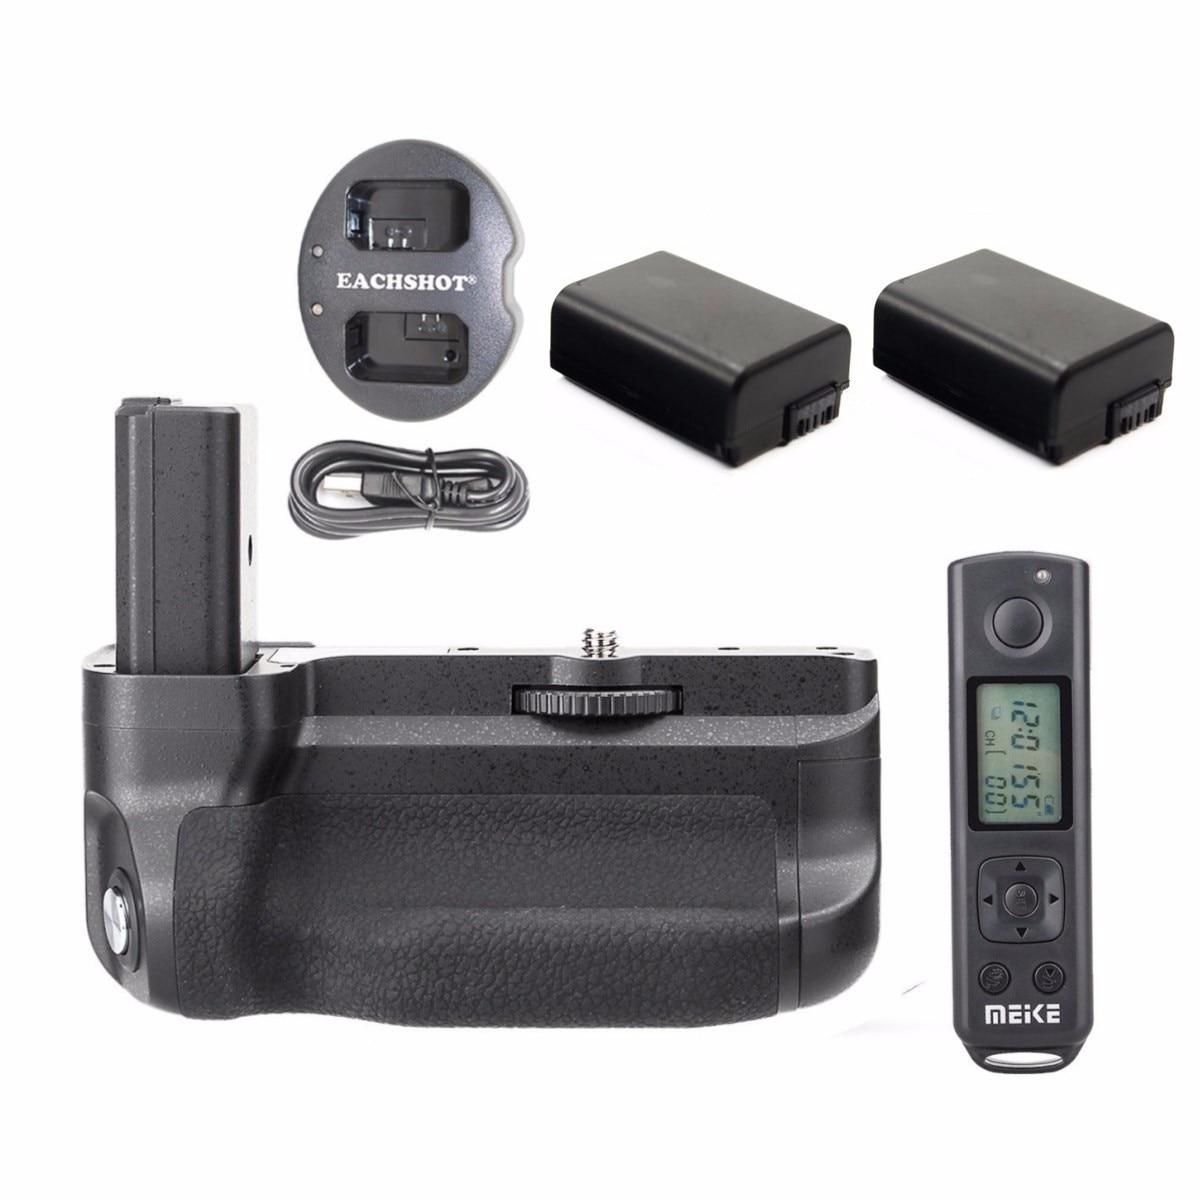 Беспроводная Батарейная ручка Meike MK-A6300 Pro 2,4G для Sony A6300 A6400 + 2 * NP-FW50 батареи + двойное зарядное устройство